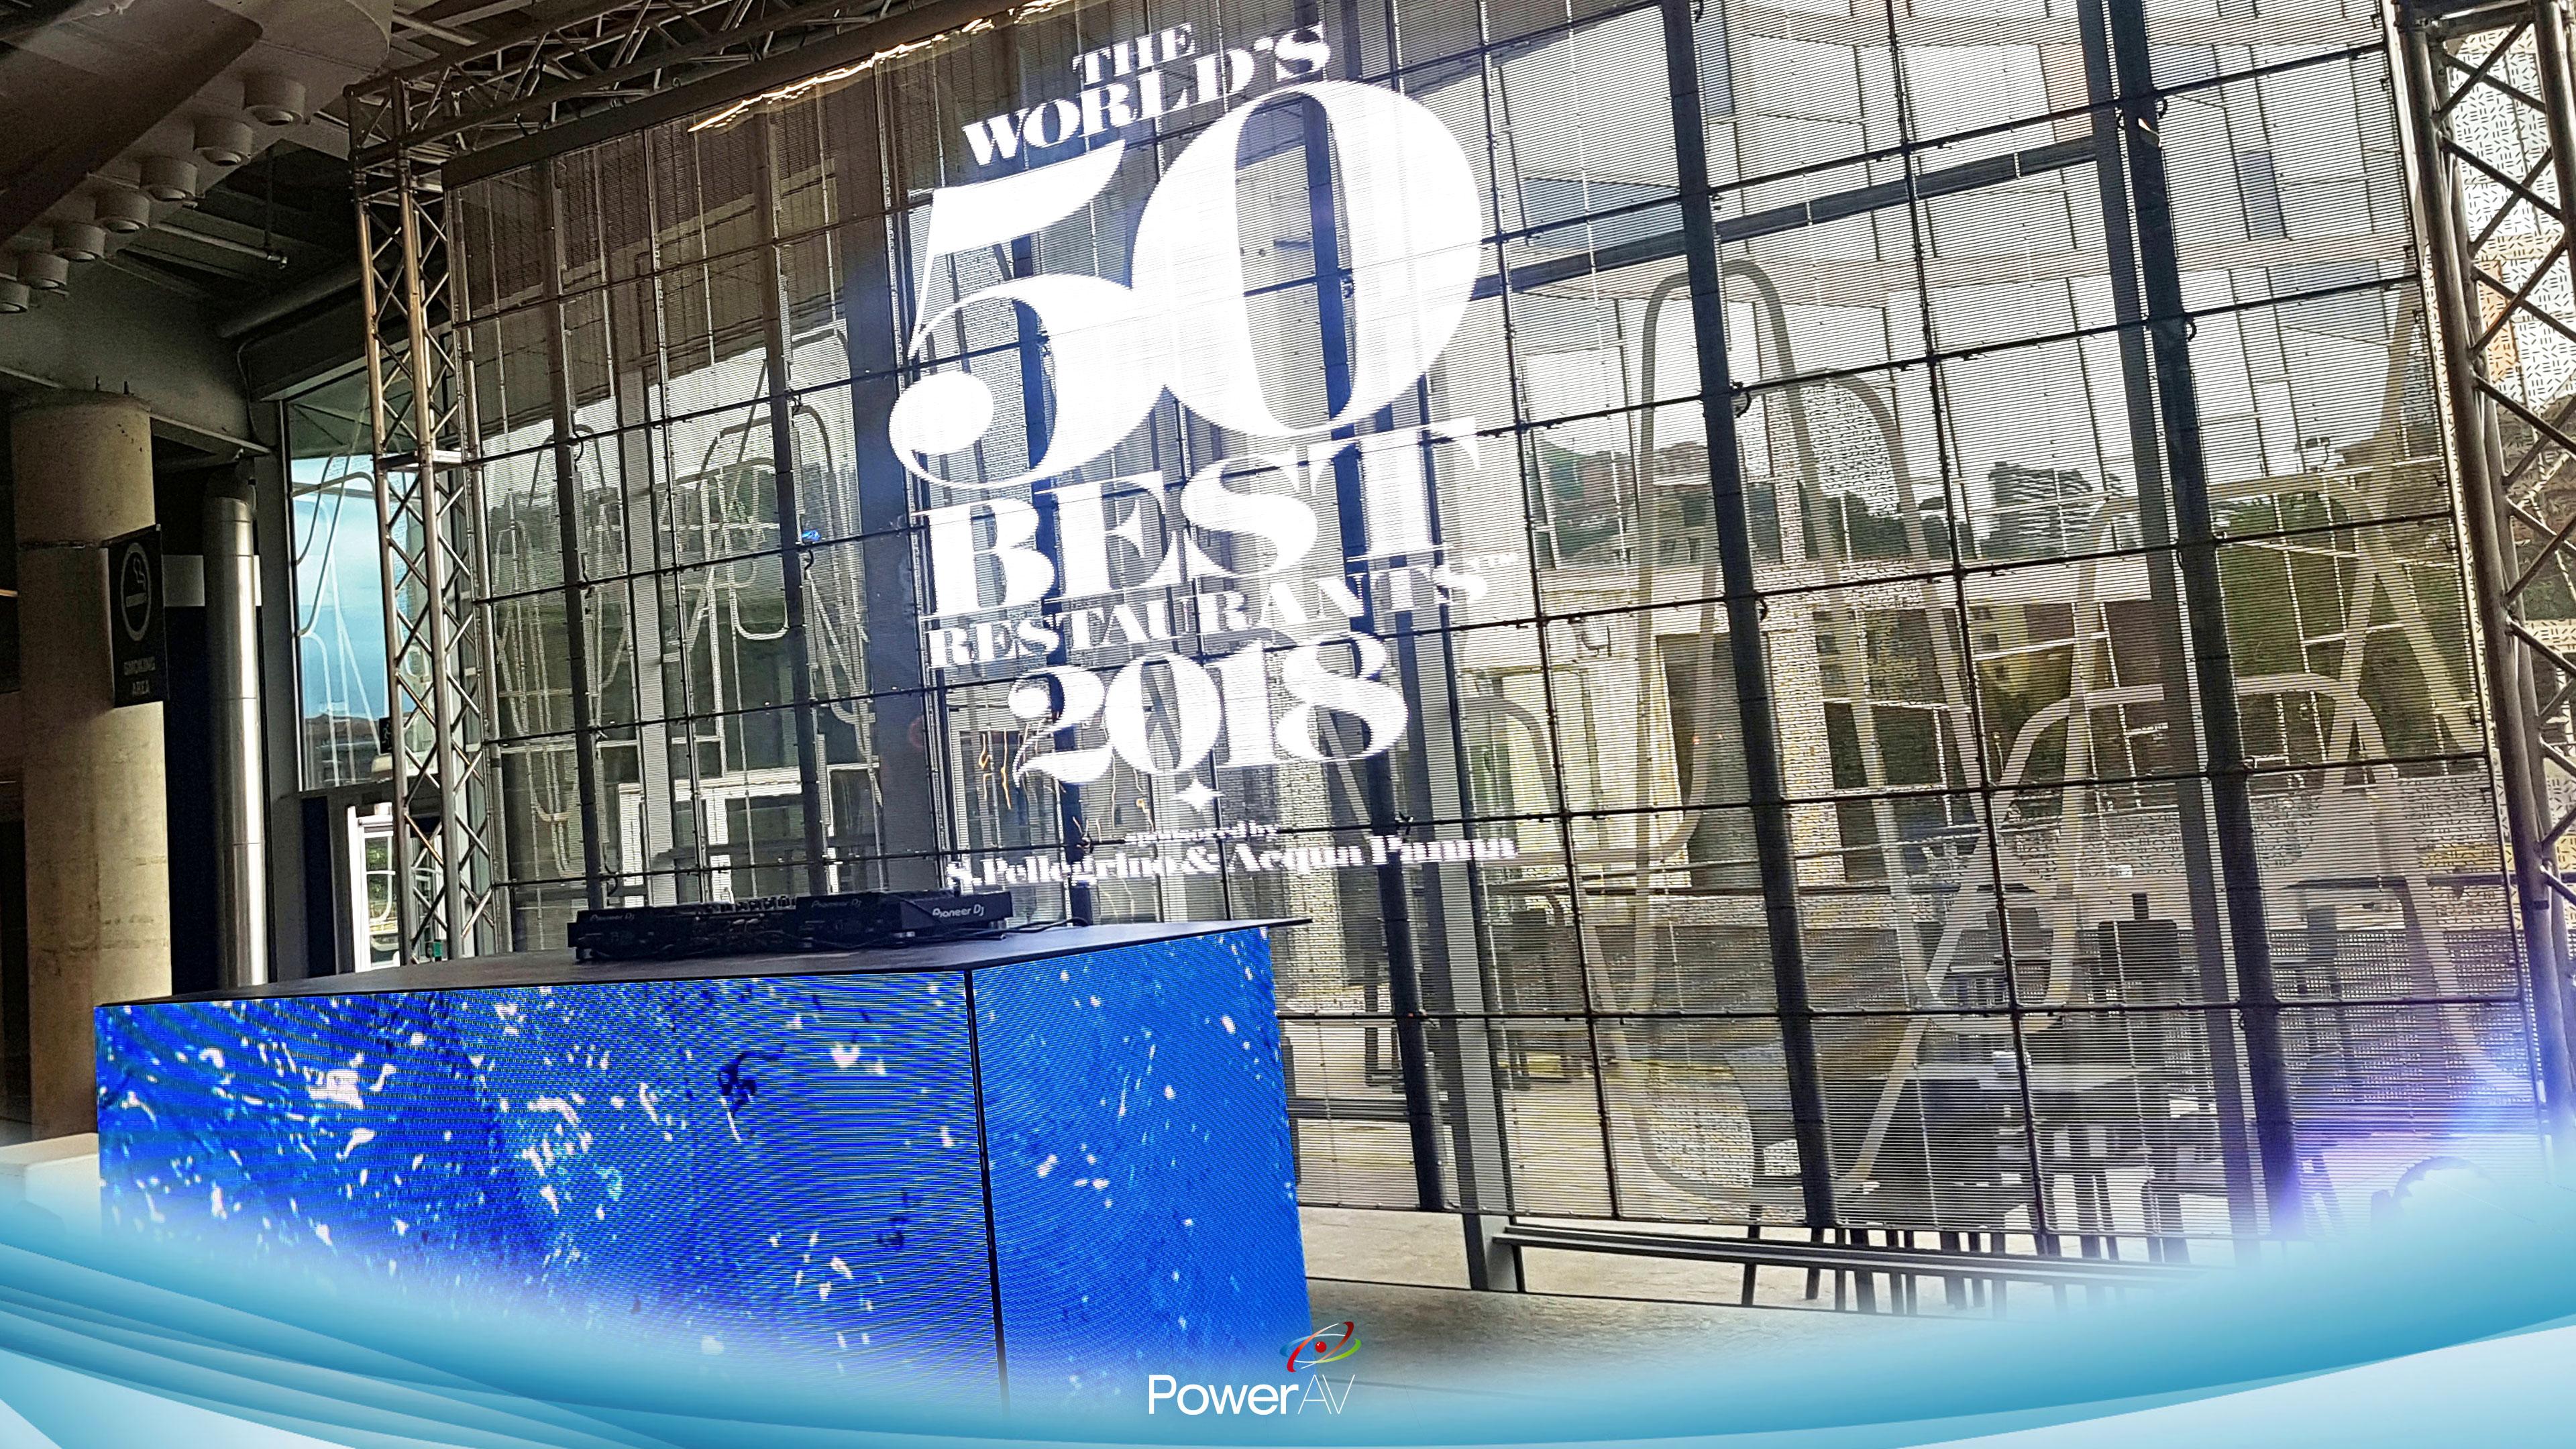 The Worlds 50 Best Restaurants Bilbao 2018 Power Av